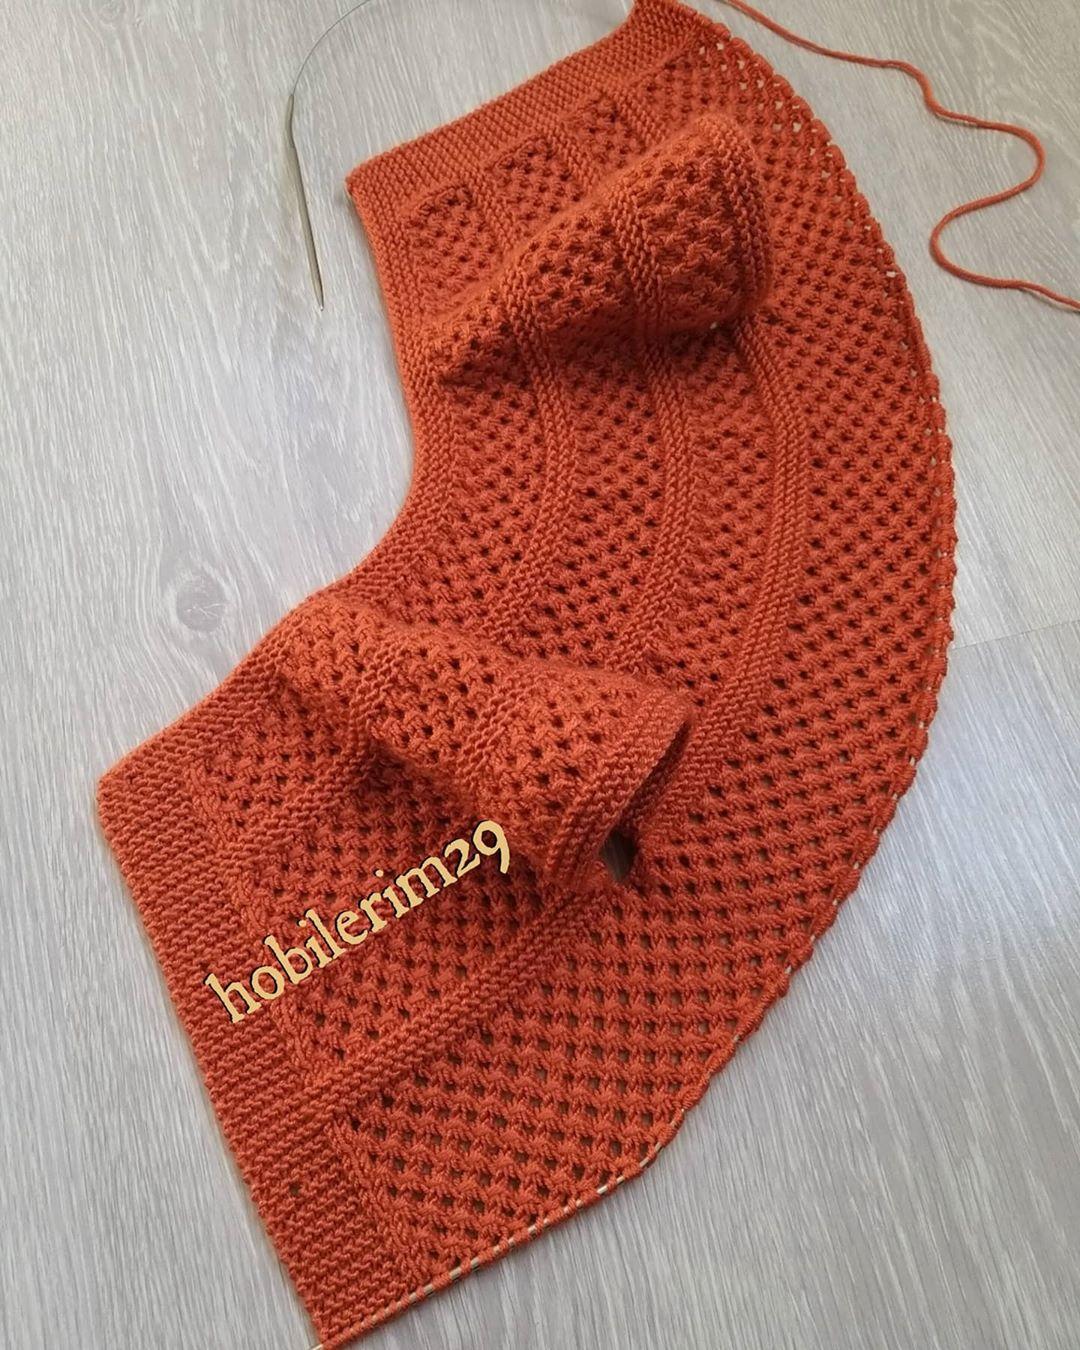 Selamünaleyküm 🙋♀️🧡 Yelegim Bu Şekil Çitlenbik - Baby Crochet